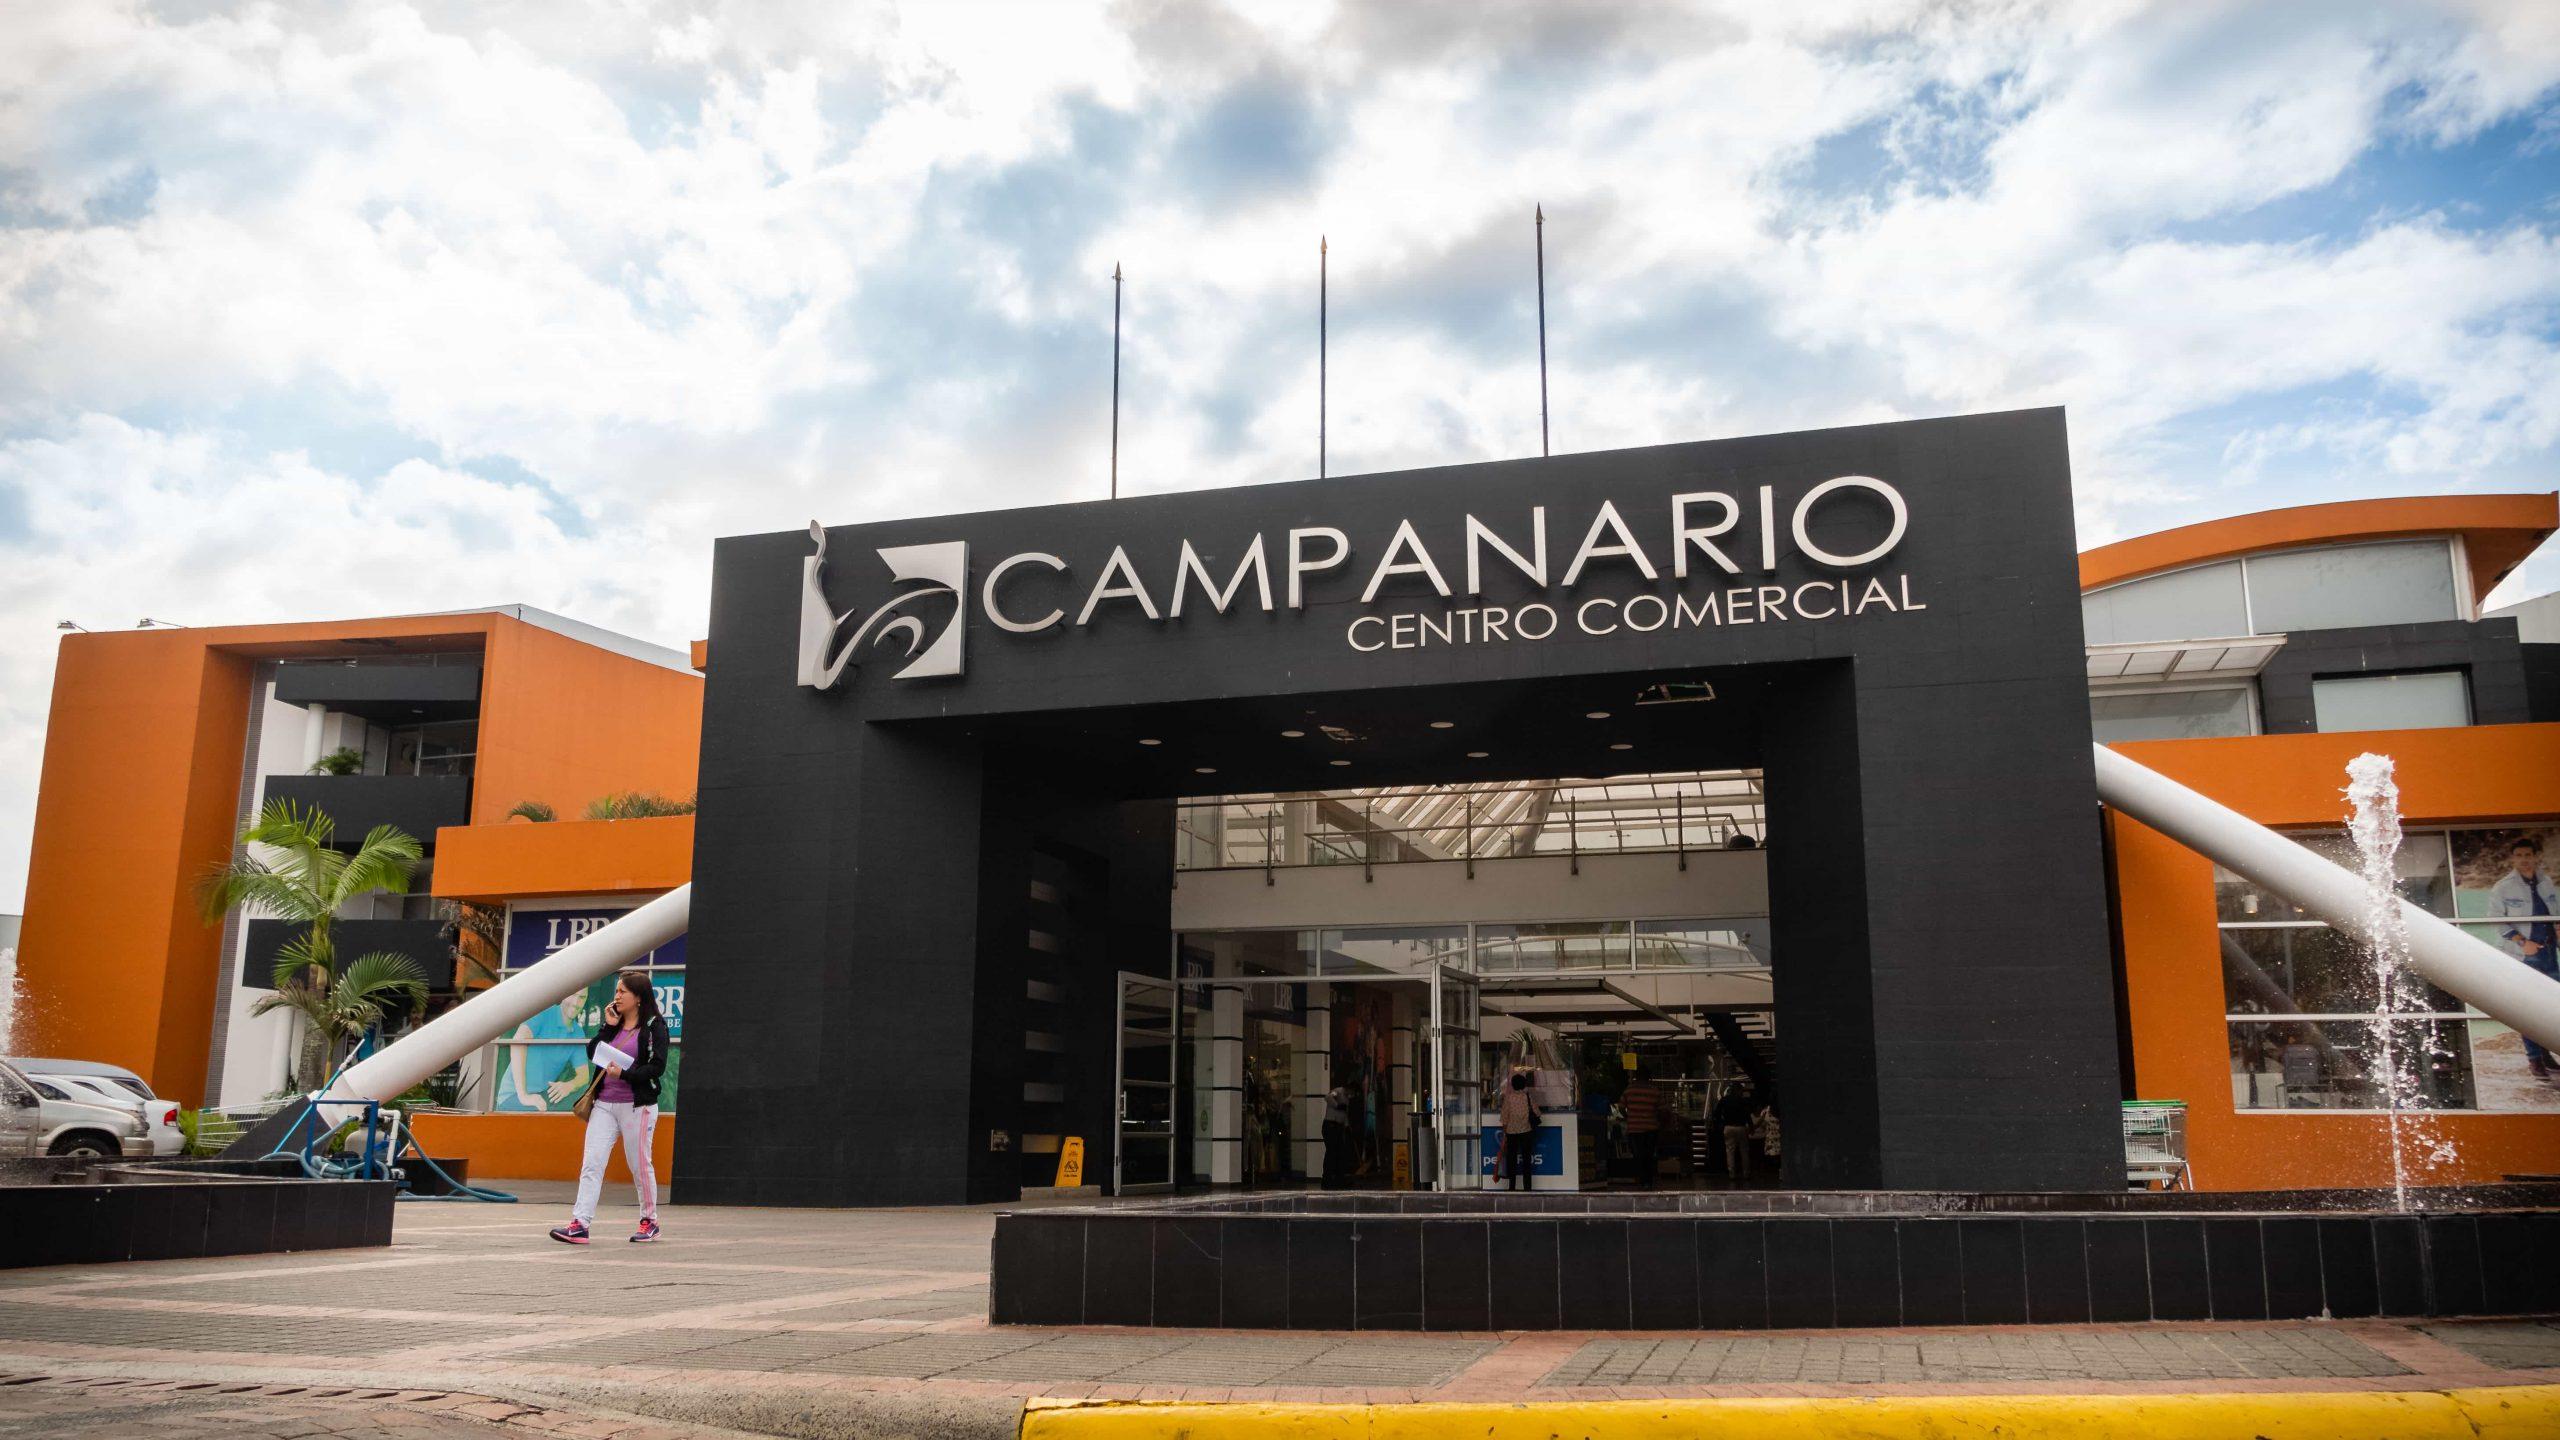 CAMPANARIO PRESENTA PROPUESTAS PARA LA REACTIVACIÓN DEL COMERCIO EN POPAYÁN